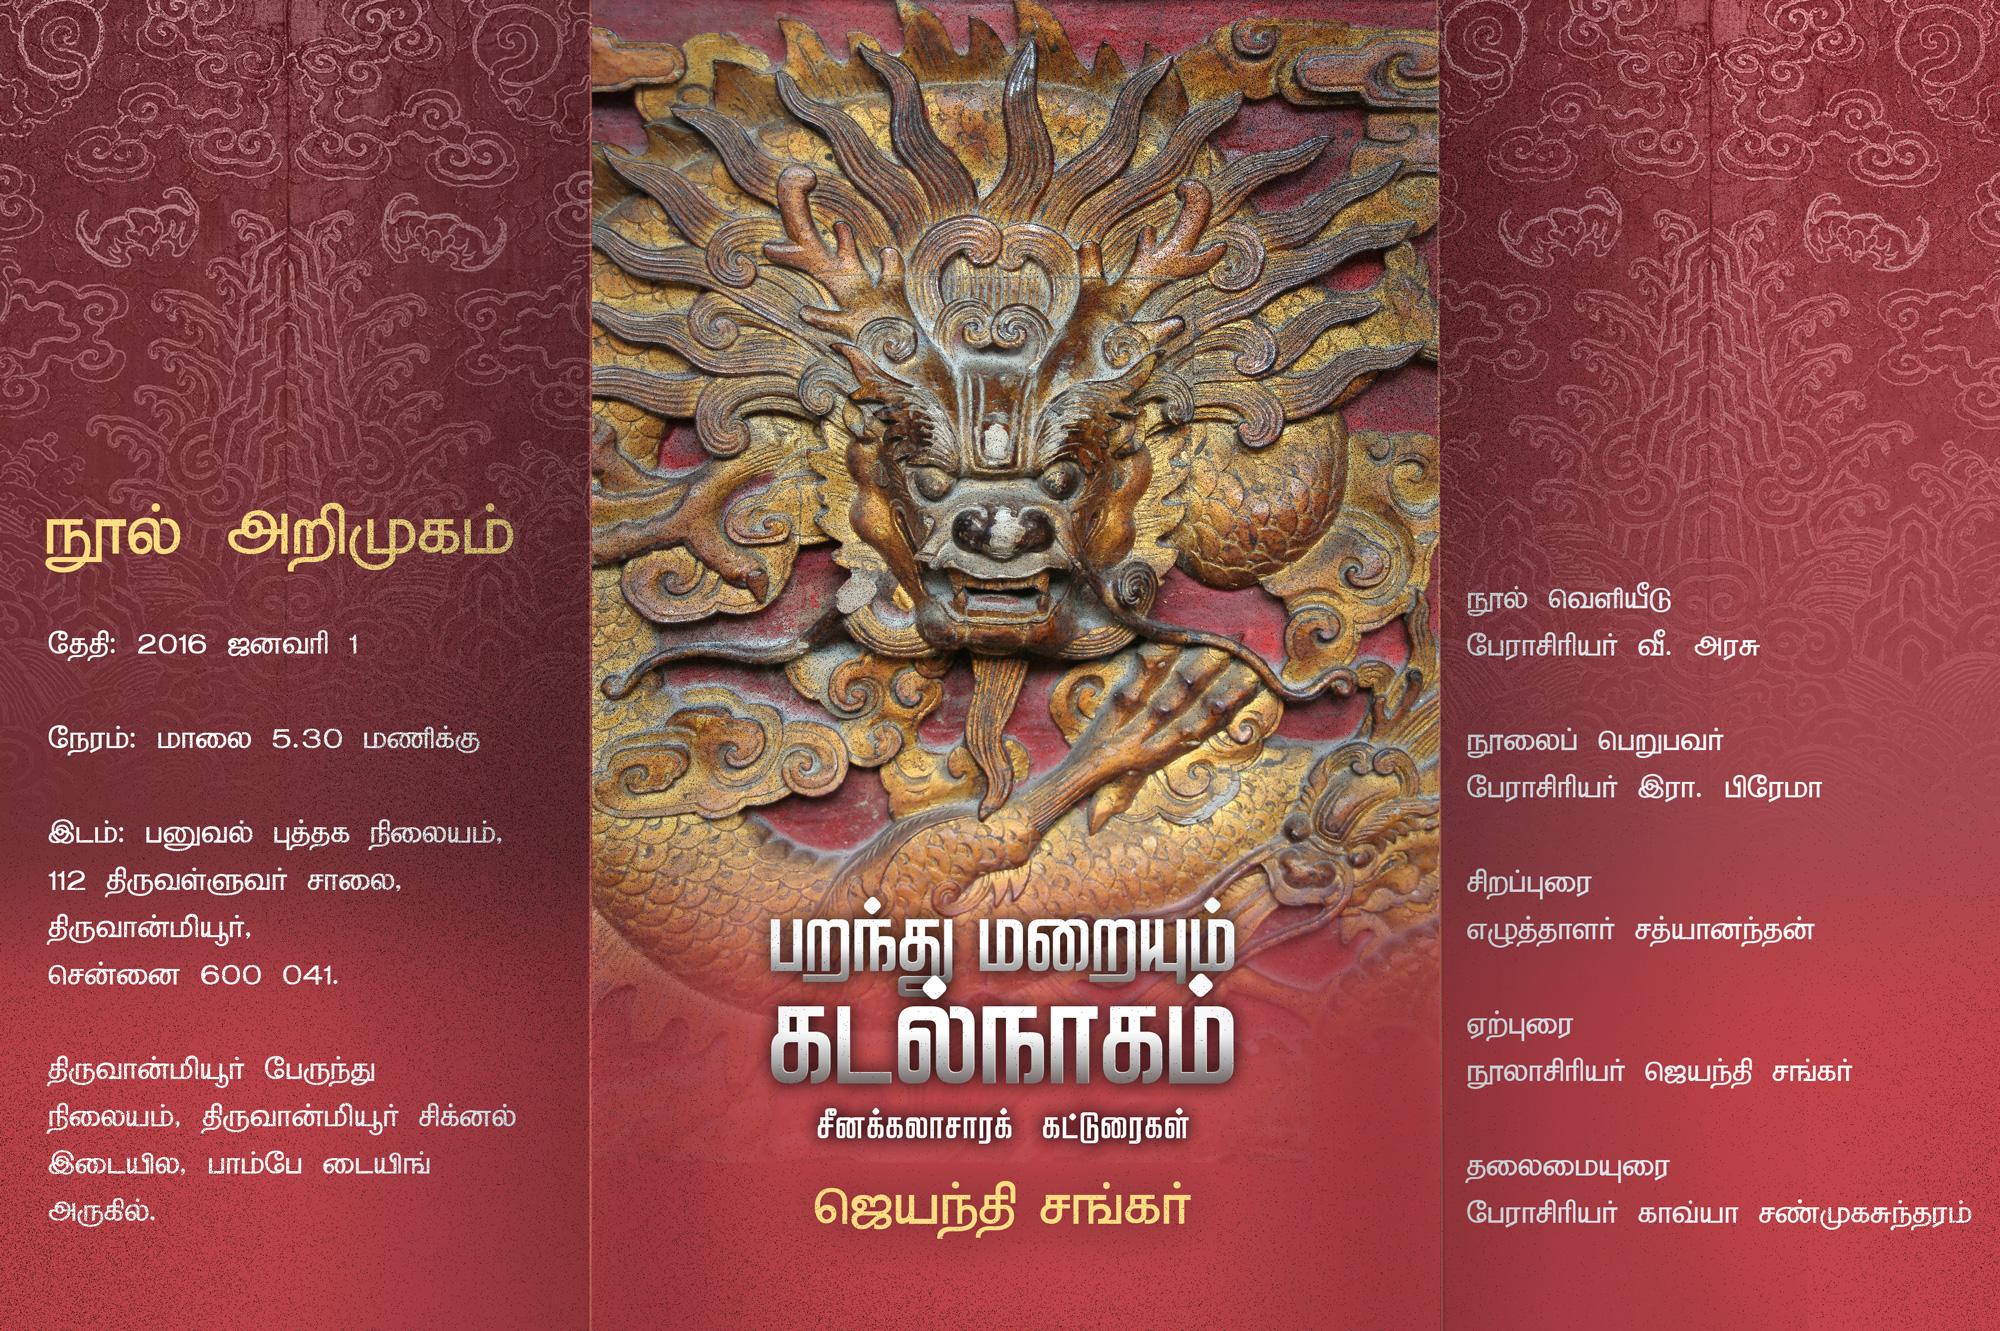 பறந்து மறையும் கடல்நாகம்  – வெளியீடு